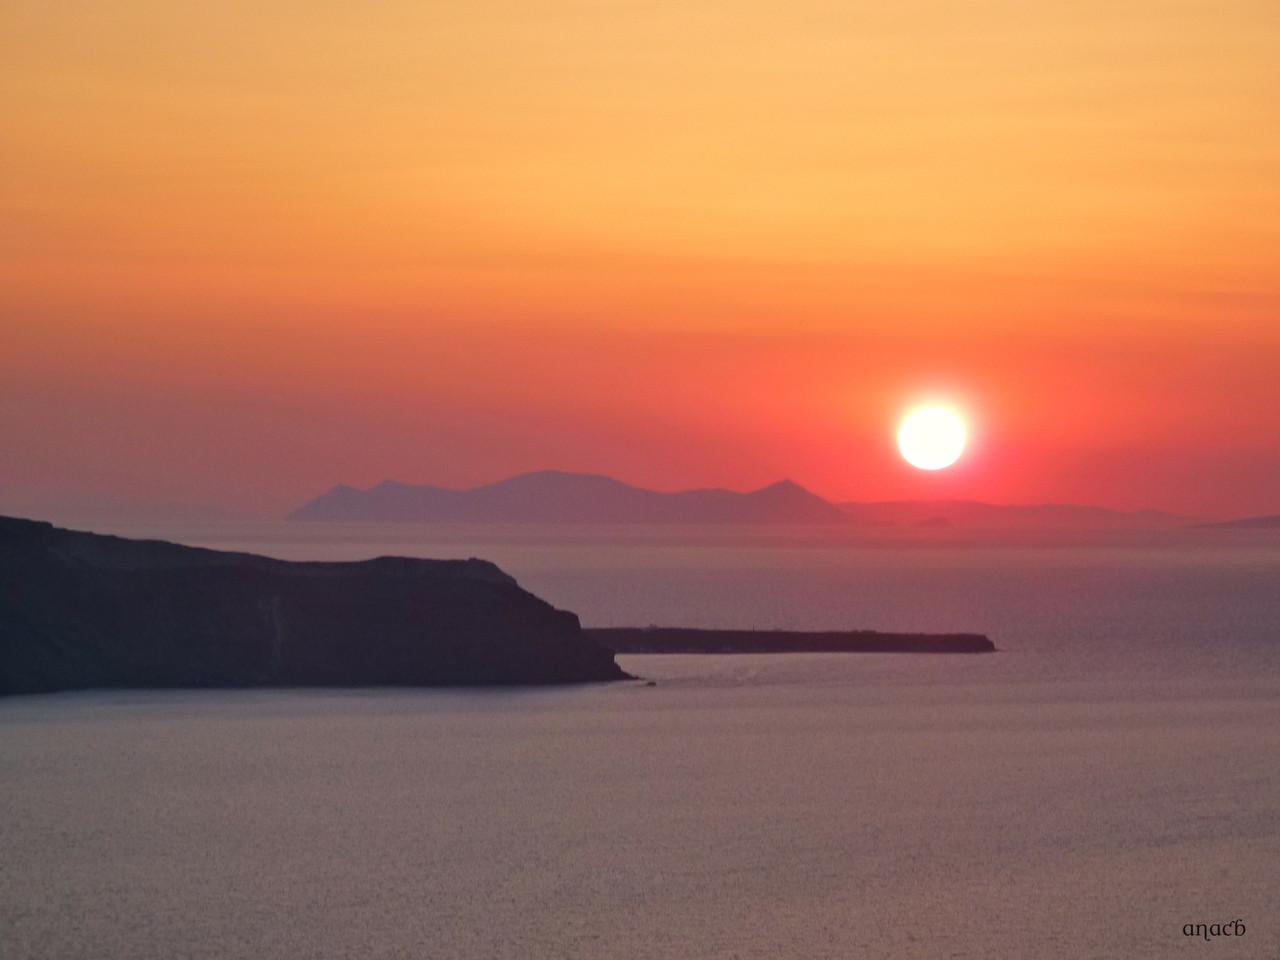 Santorini-o pôr-do-sol visto de Fira (1544) cópi